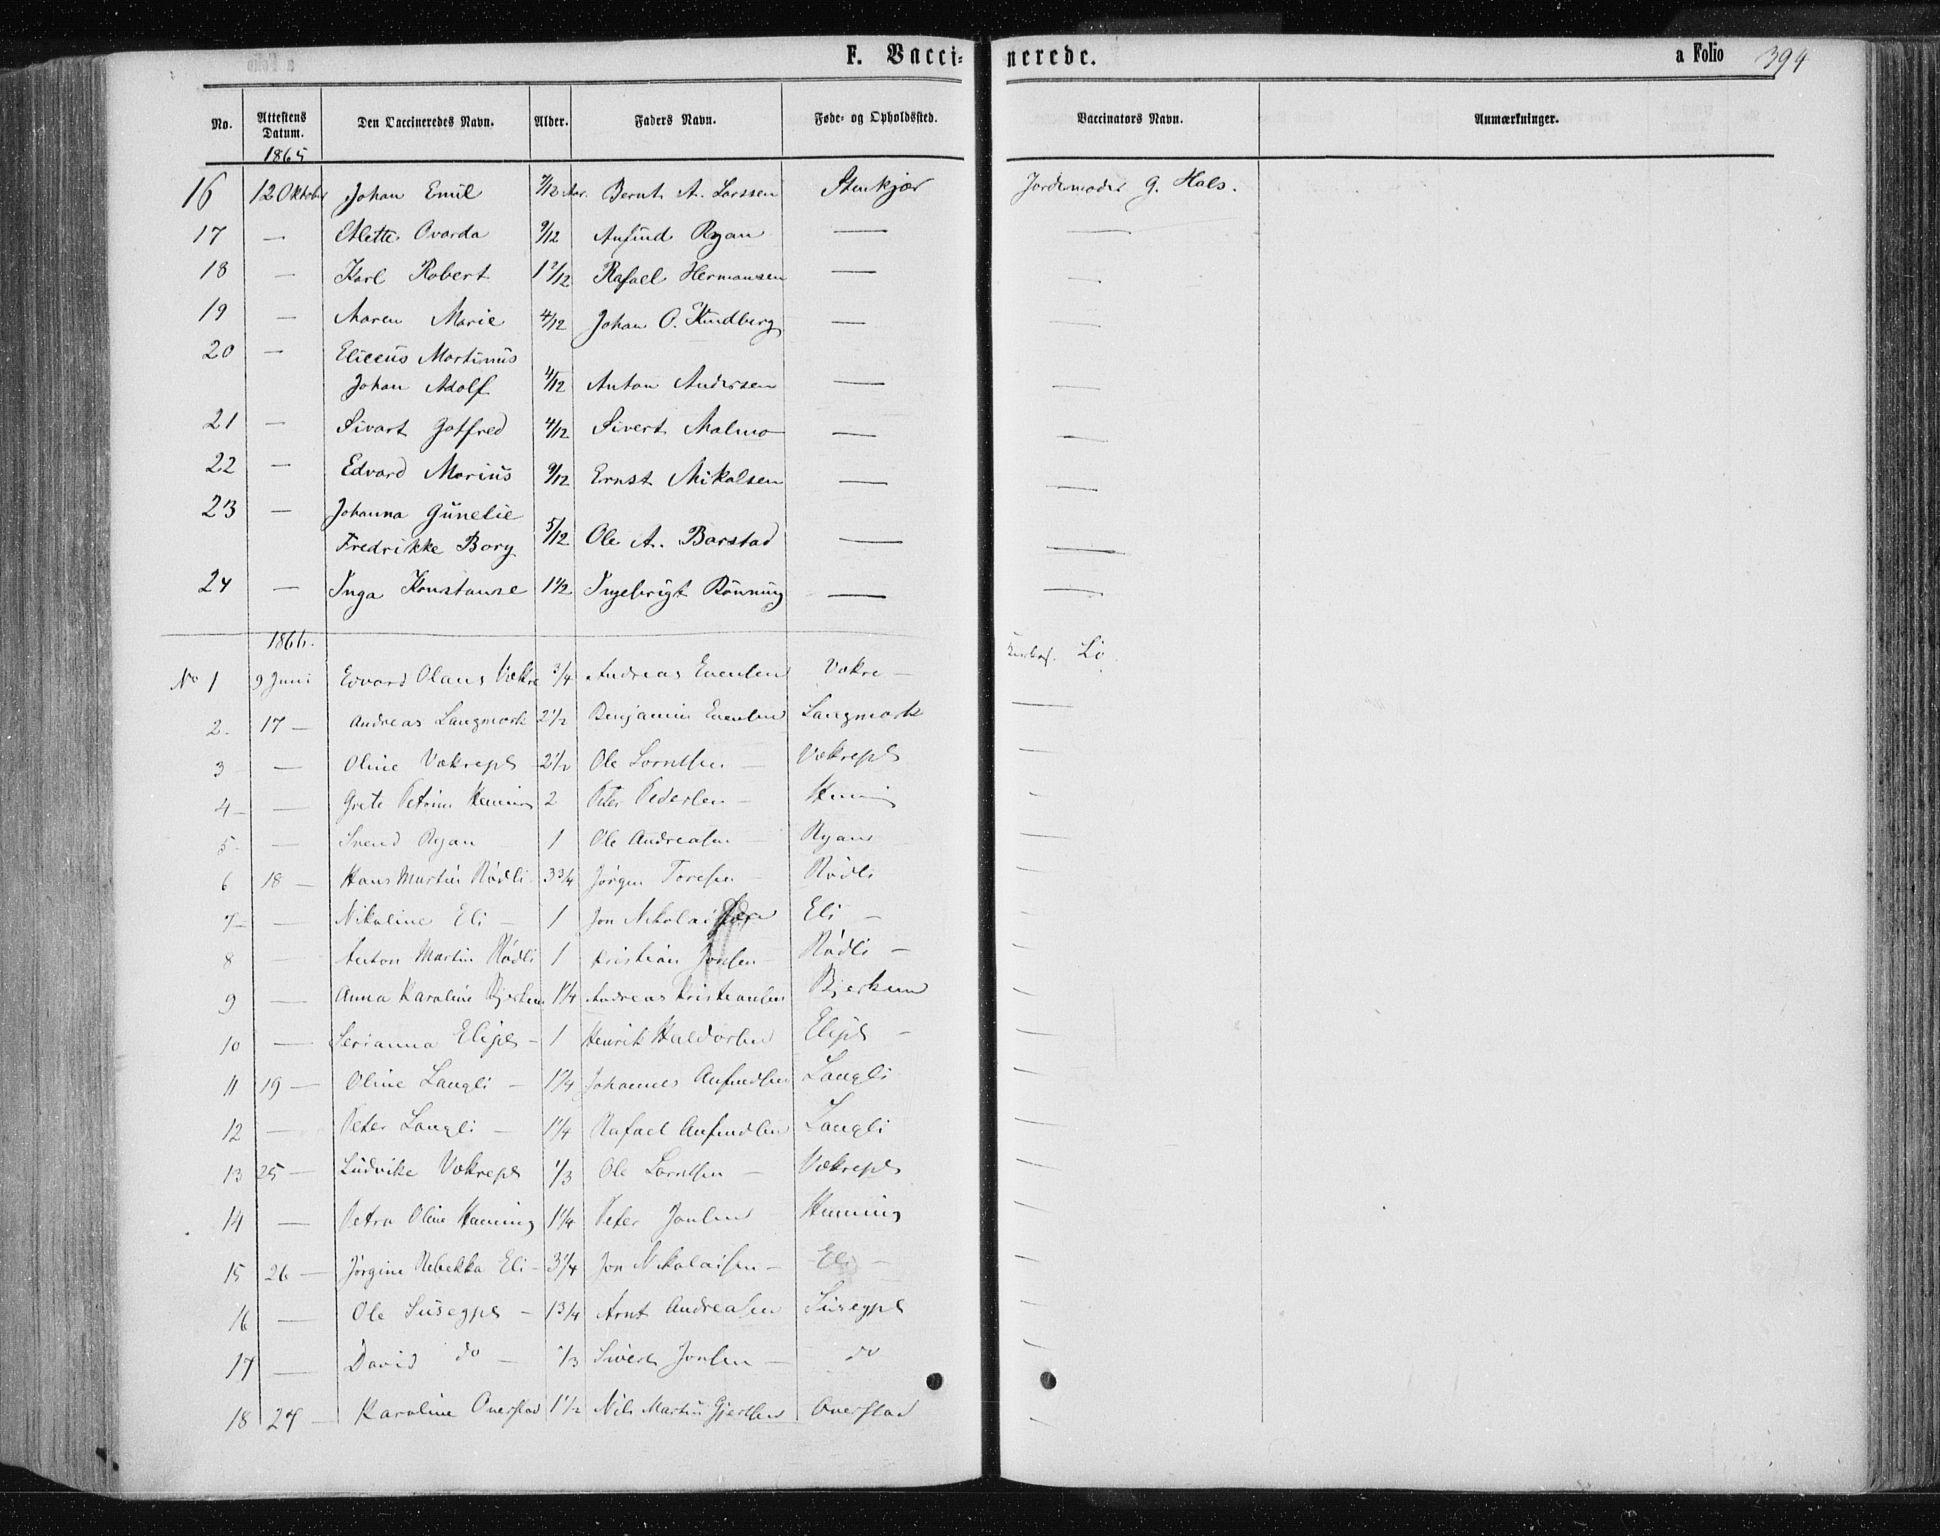 SAT, Ministerialprotokoller, klokkerbøker og fødselsregistre - Nord-Trøndelag, 735/L0345: Ministerialbok nr. 735A08 /1, 1863-1872, s. 394